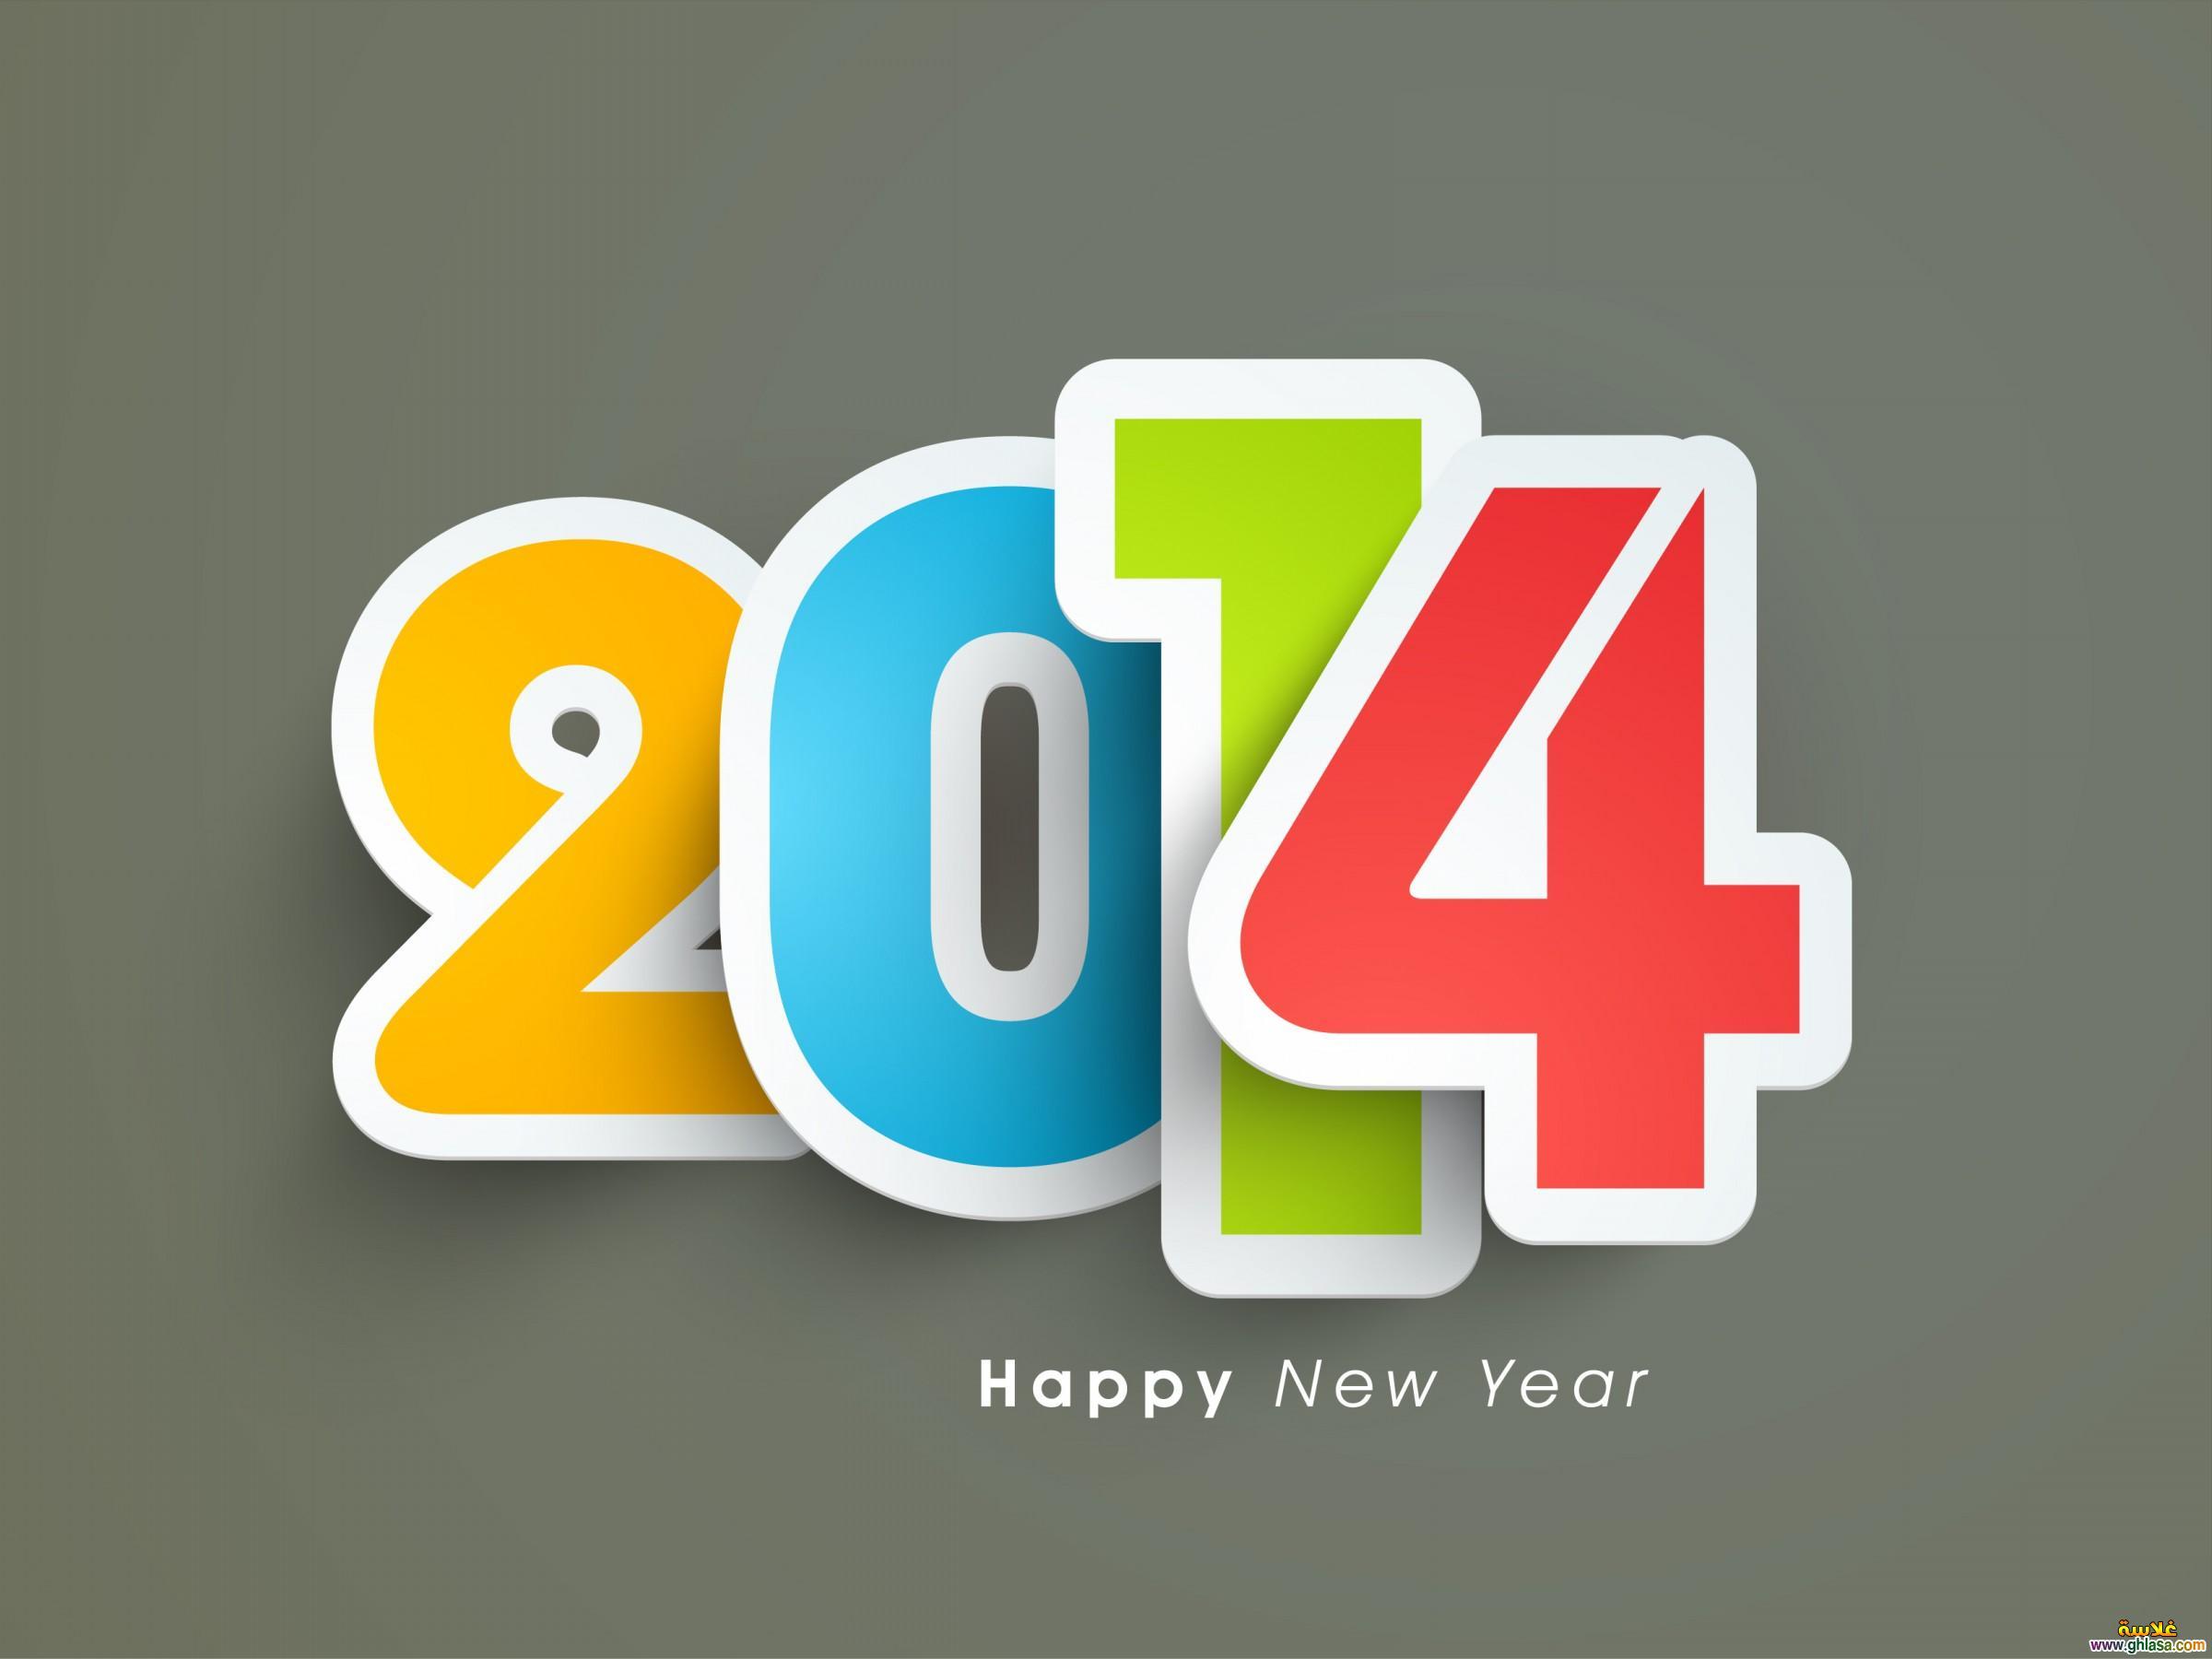 صور مكتوب عليها عام 2018 ، خلفيات العام الجديد 2018 ، Wallpapers New Year 2018 ghlasa138621928763.jpg